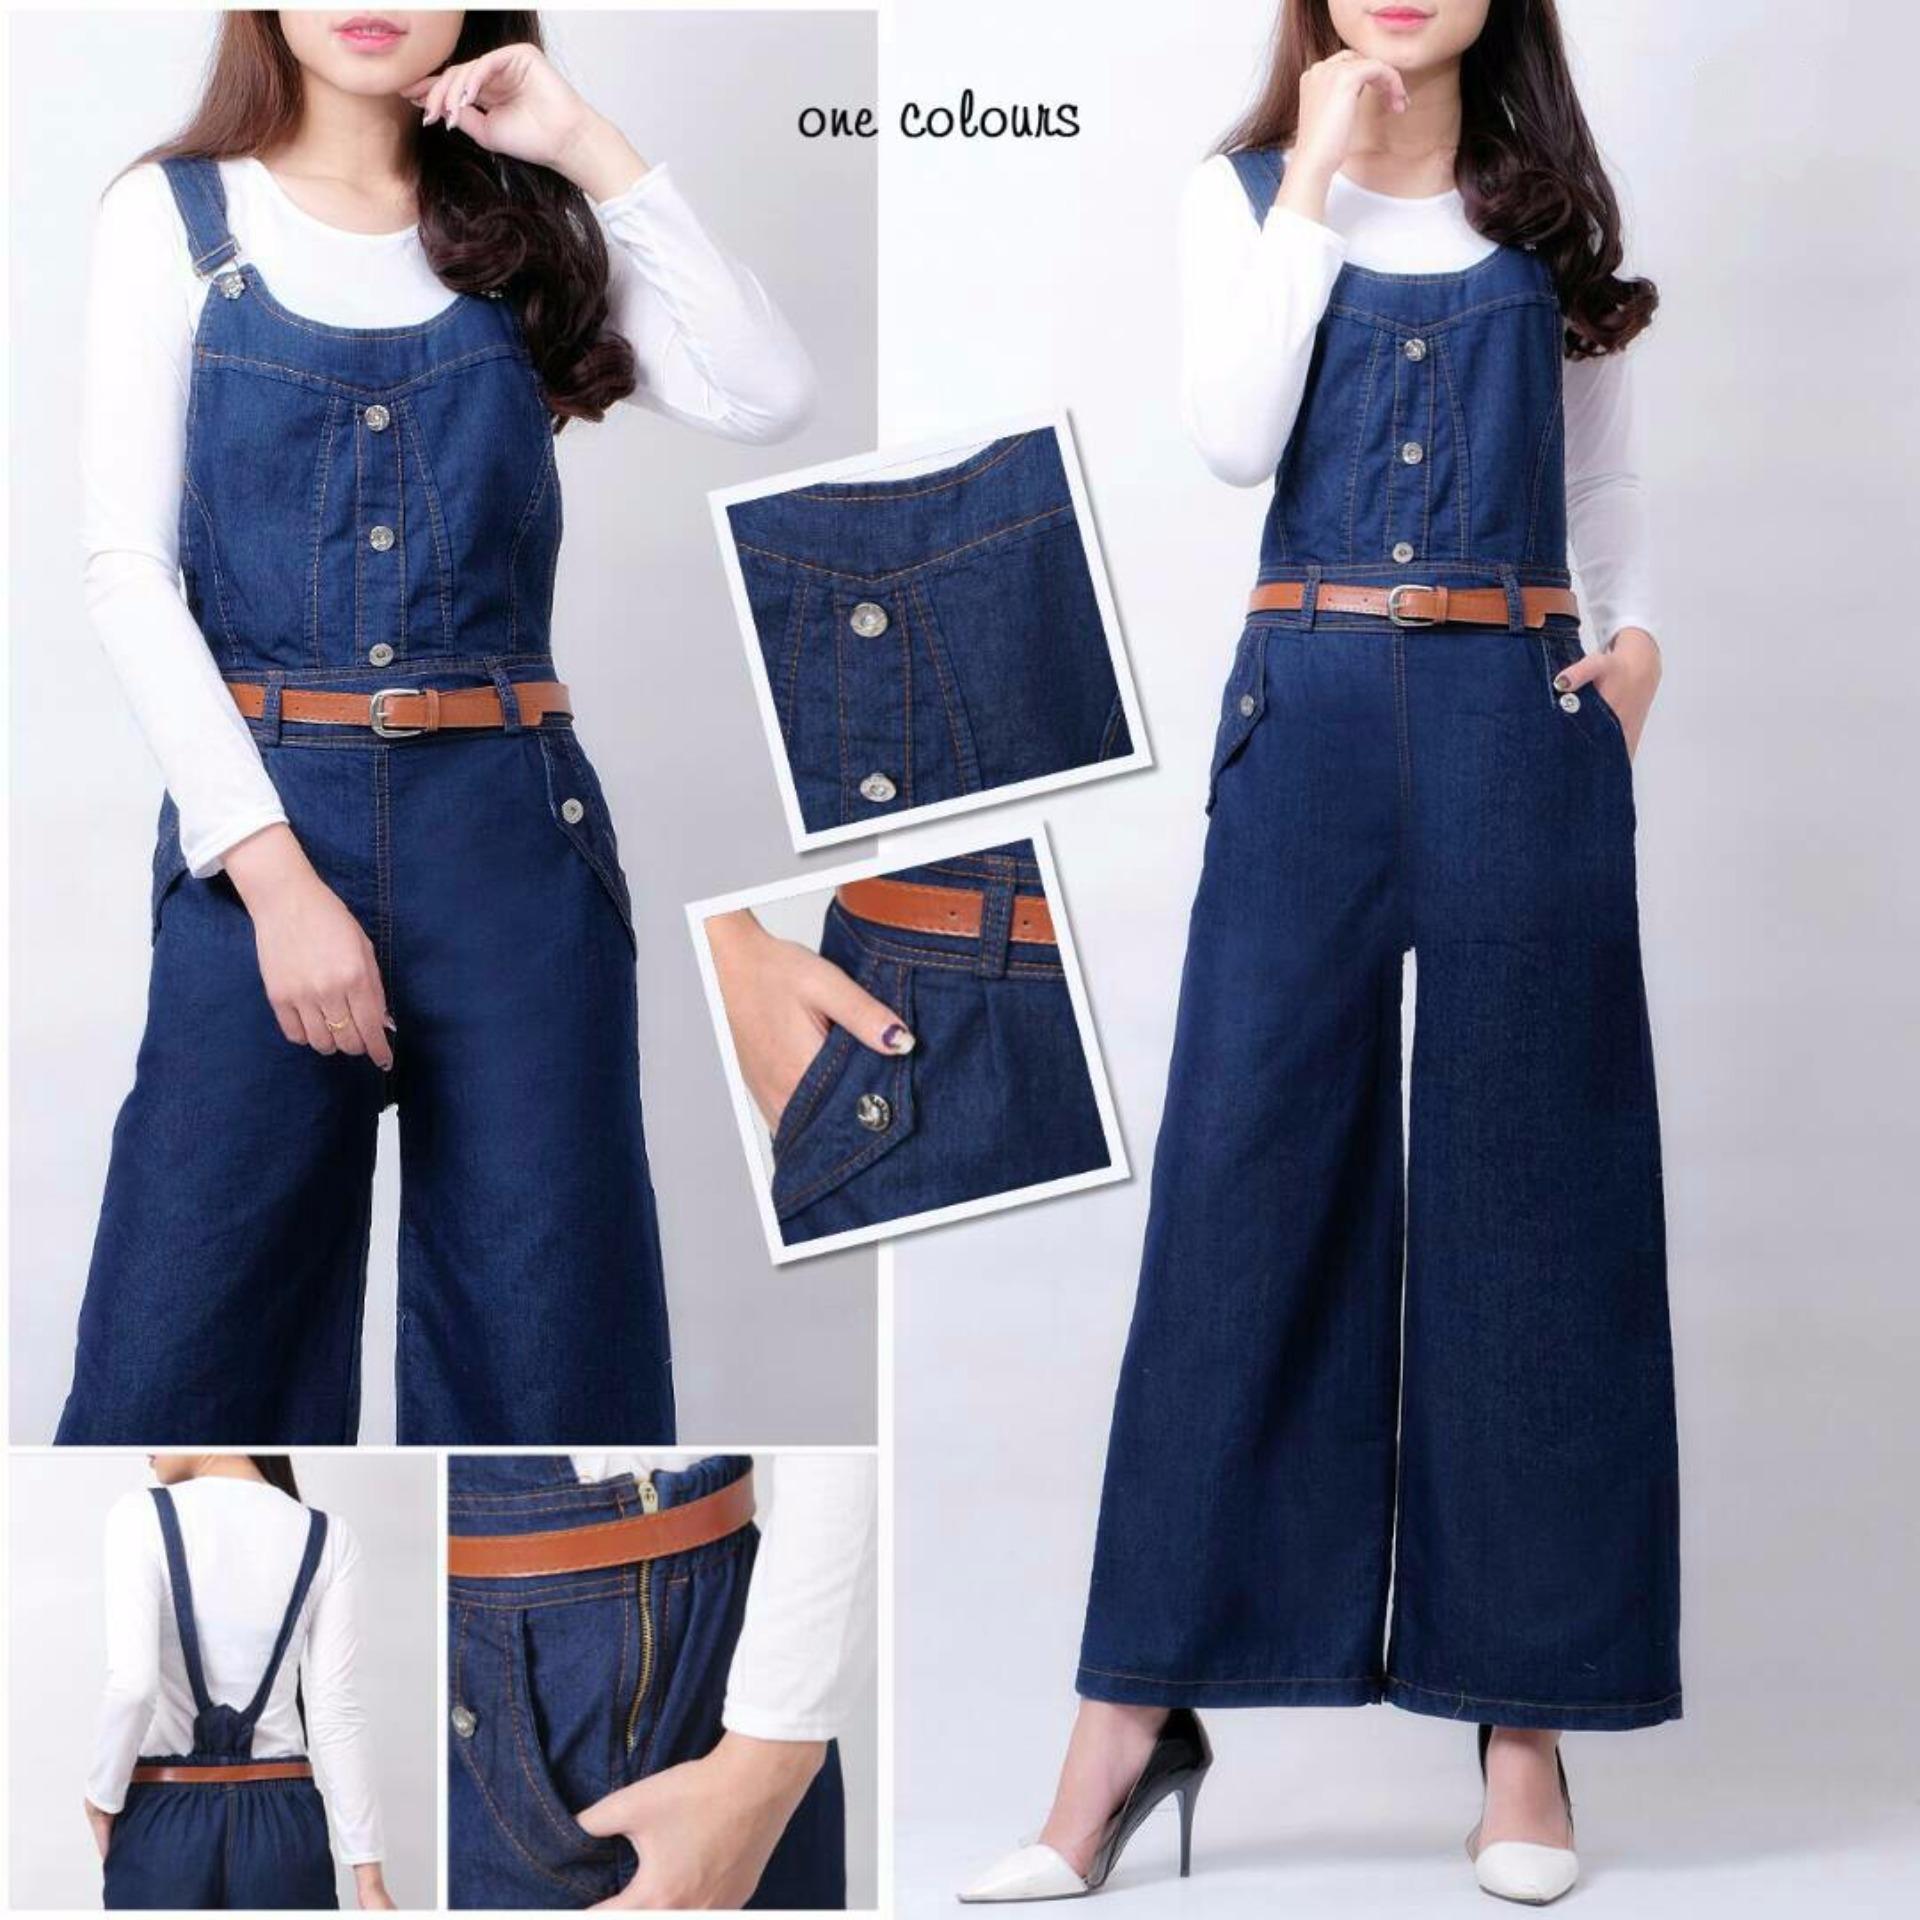 369 Jumpsuit Kulot Jeans Wanita Biru Tua - Gratis Belt dan Kaos Putih